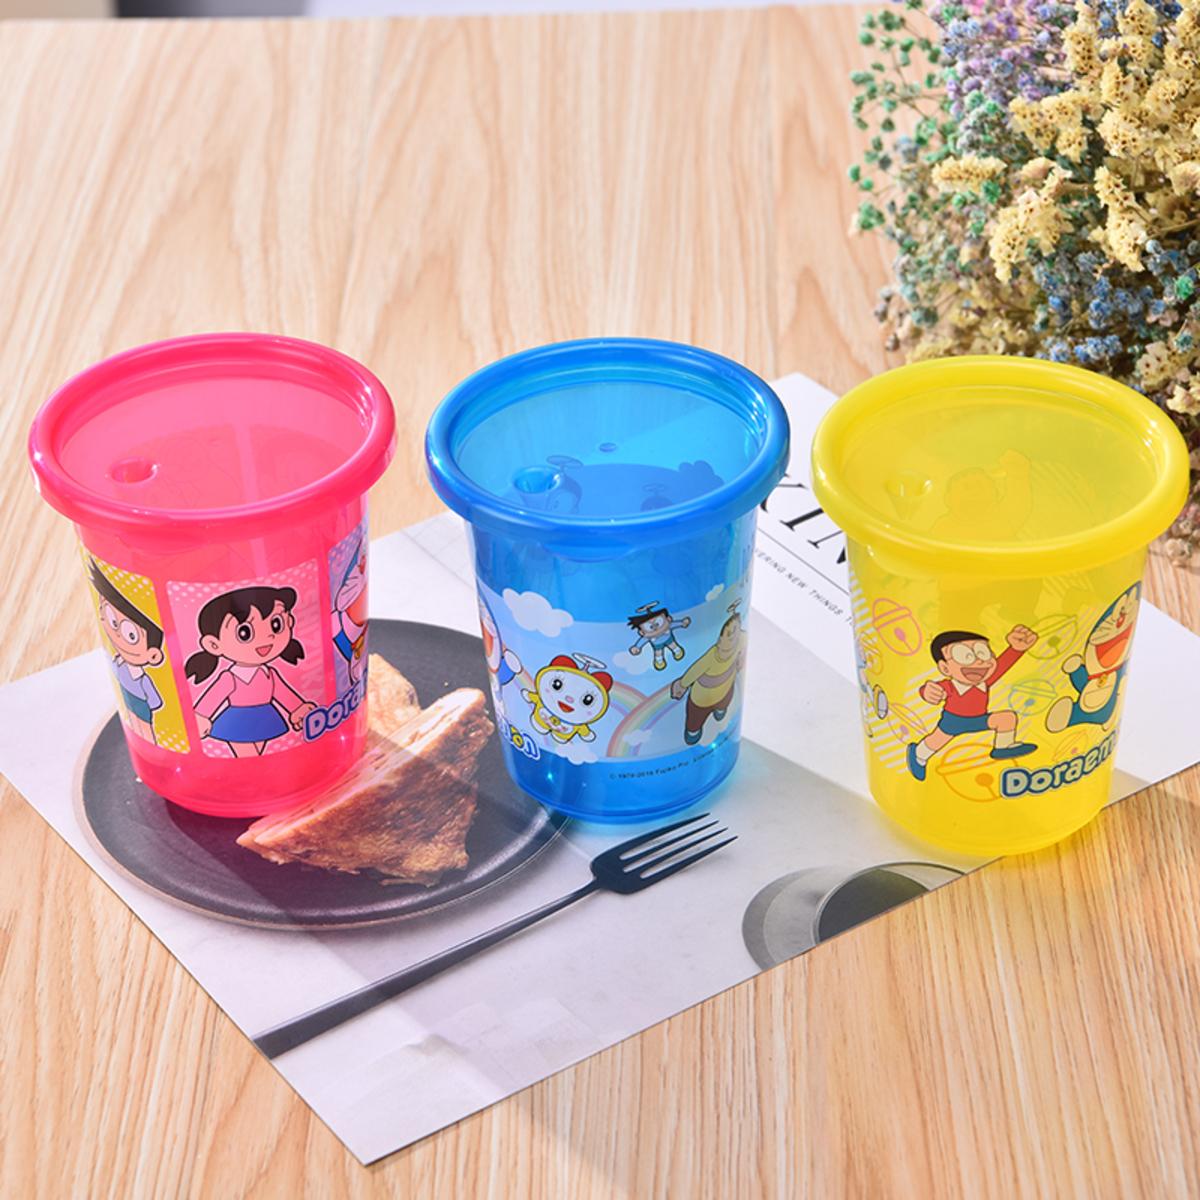 吸管杯 連蓋 (3個裝)